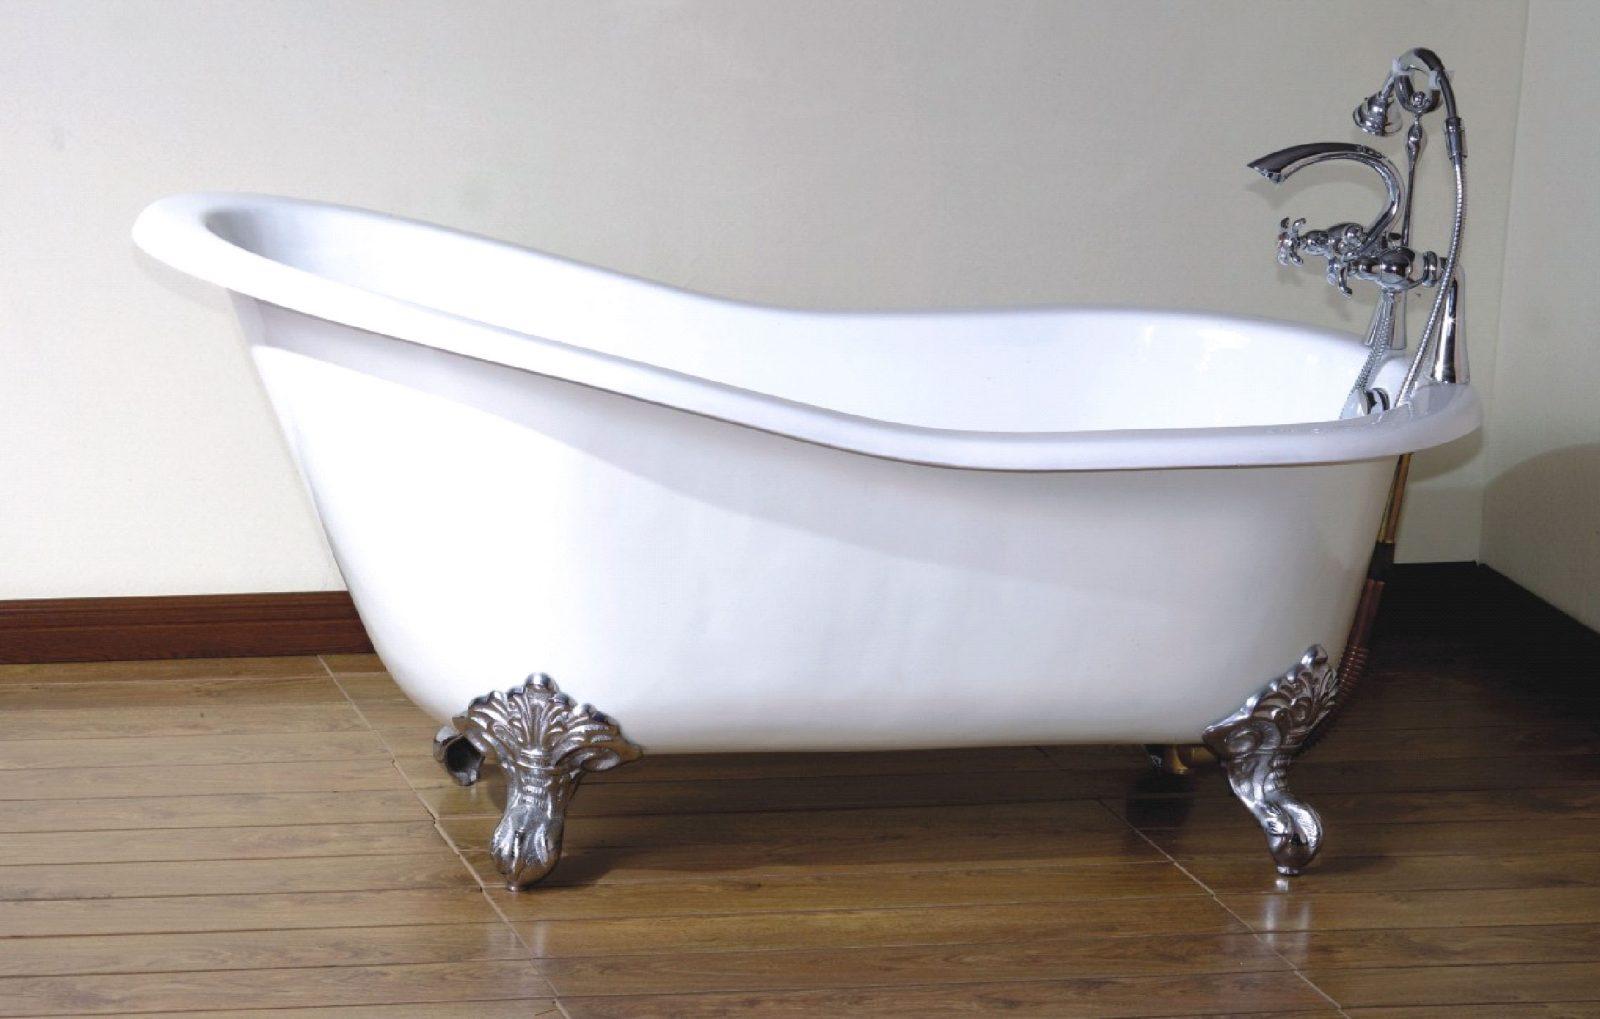 Baño De Tina O Artesa:Para otros usos de este término, véase Bañera (desambiguación)